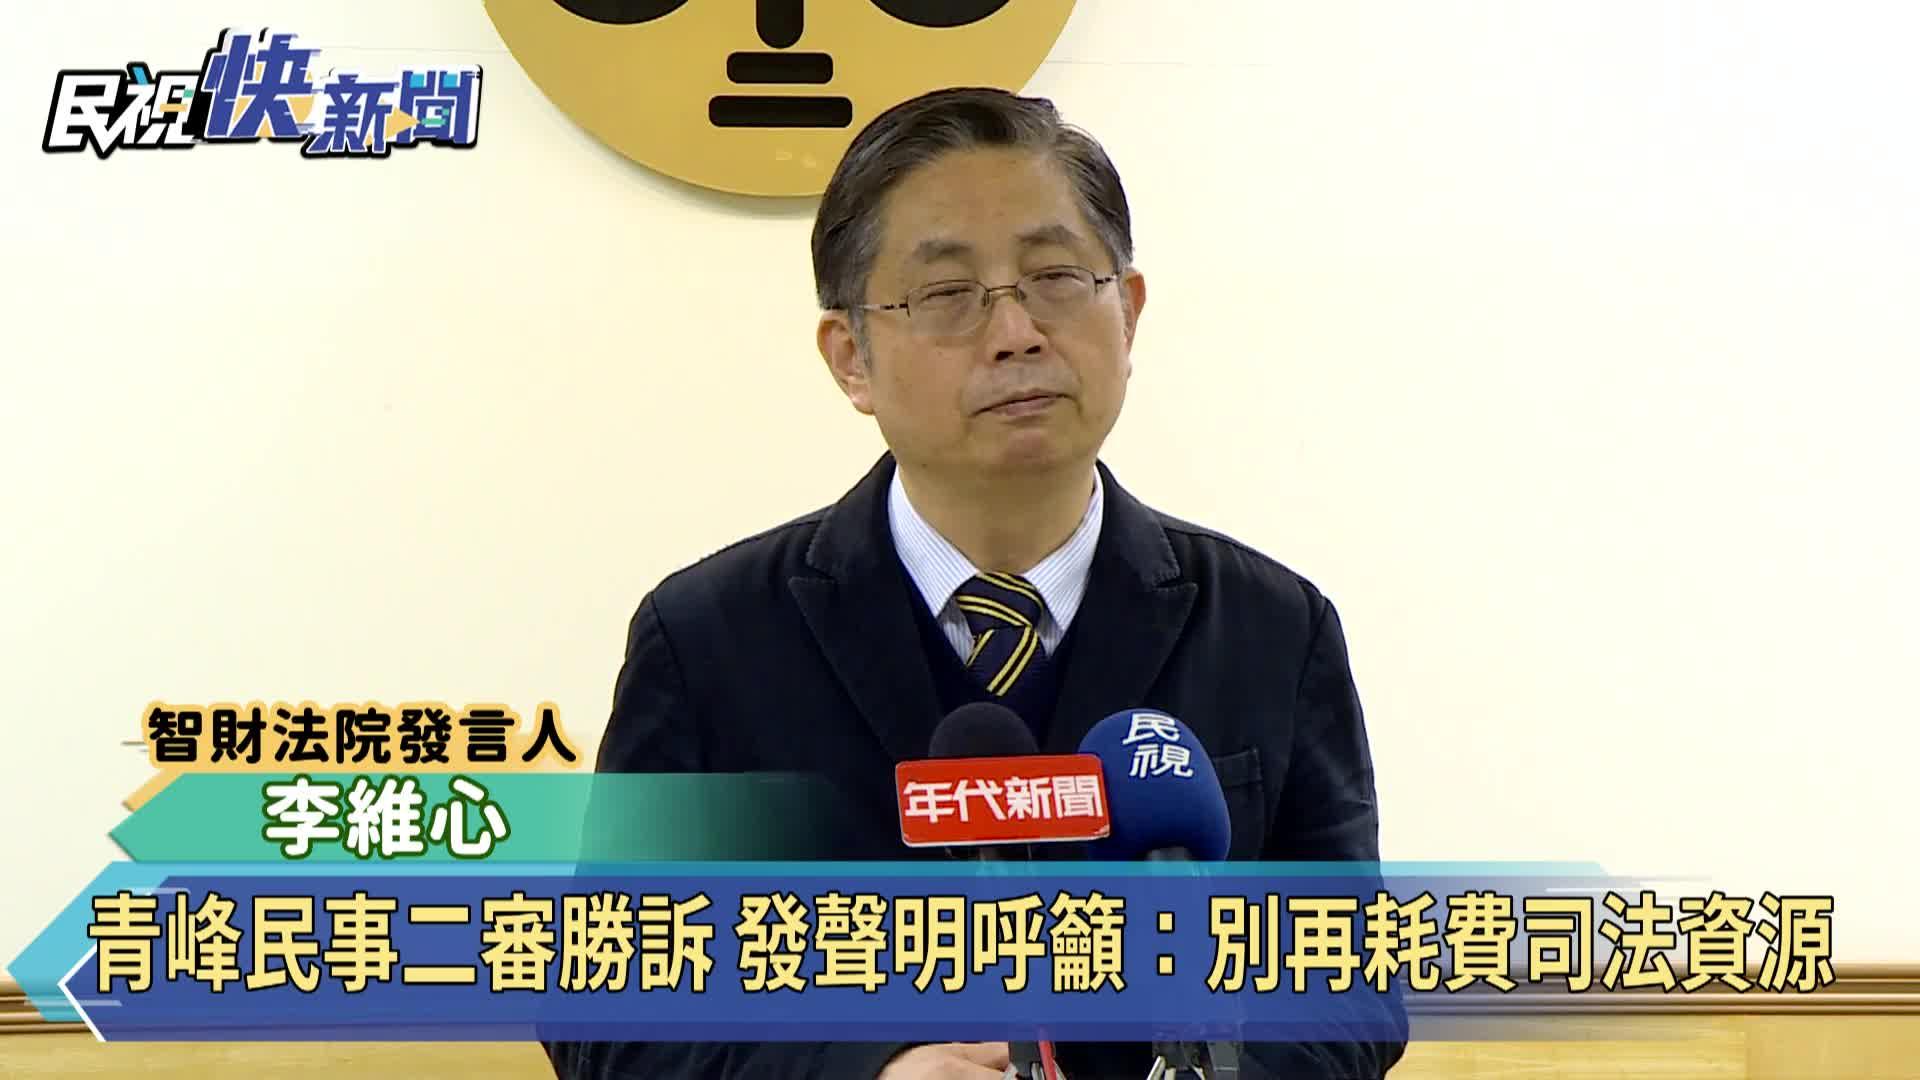 青峰民事二審勝訴 發聲明呼籲:別再耗費司法資源